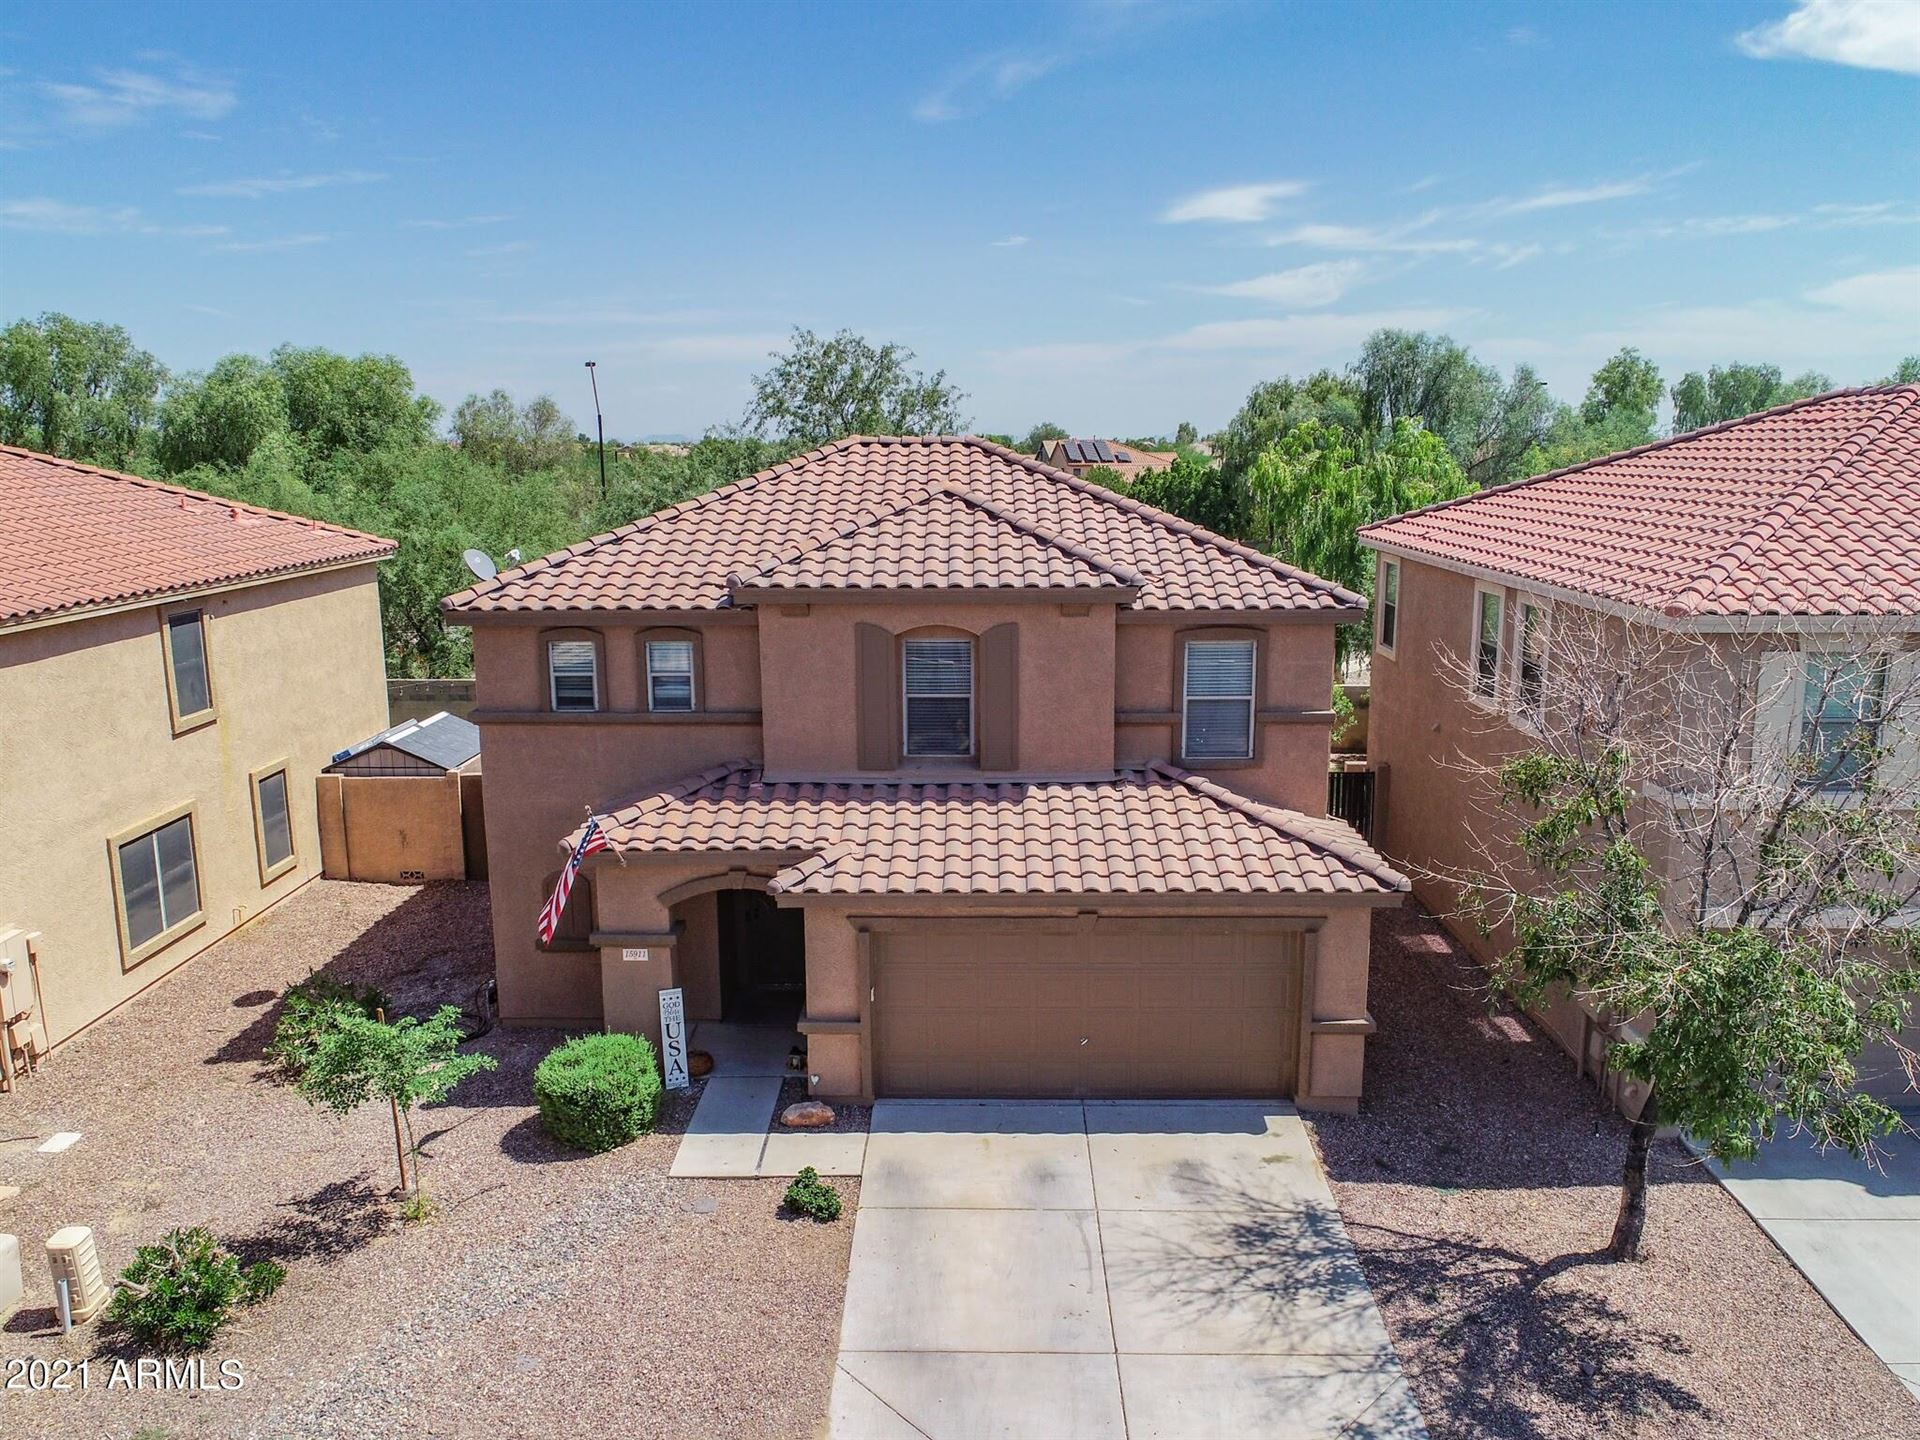 15911 N 169TH Drive, Surprise, AZ 85388 - MLS#: 6294551